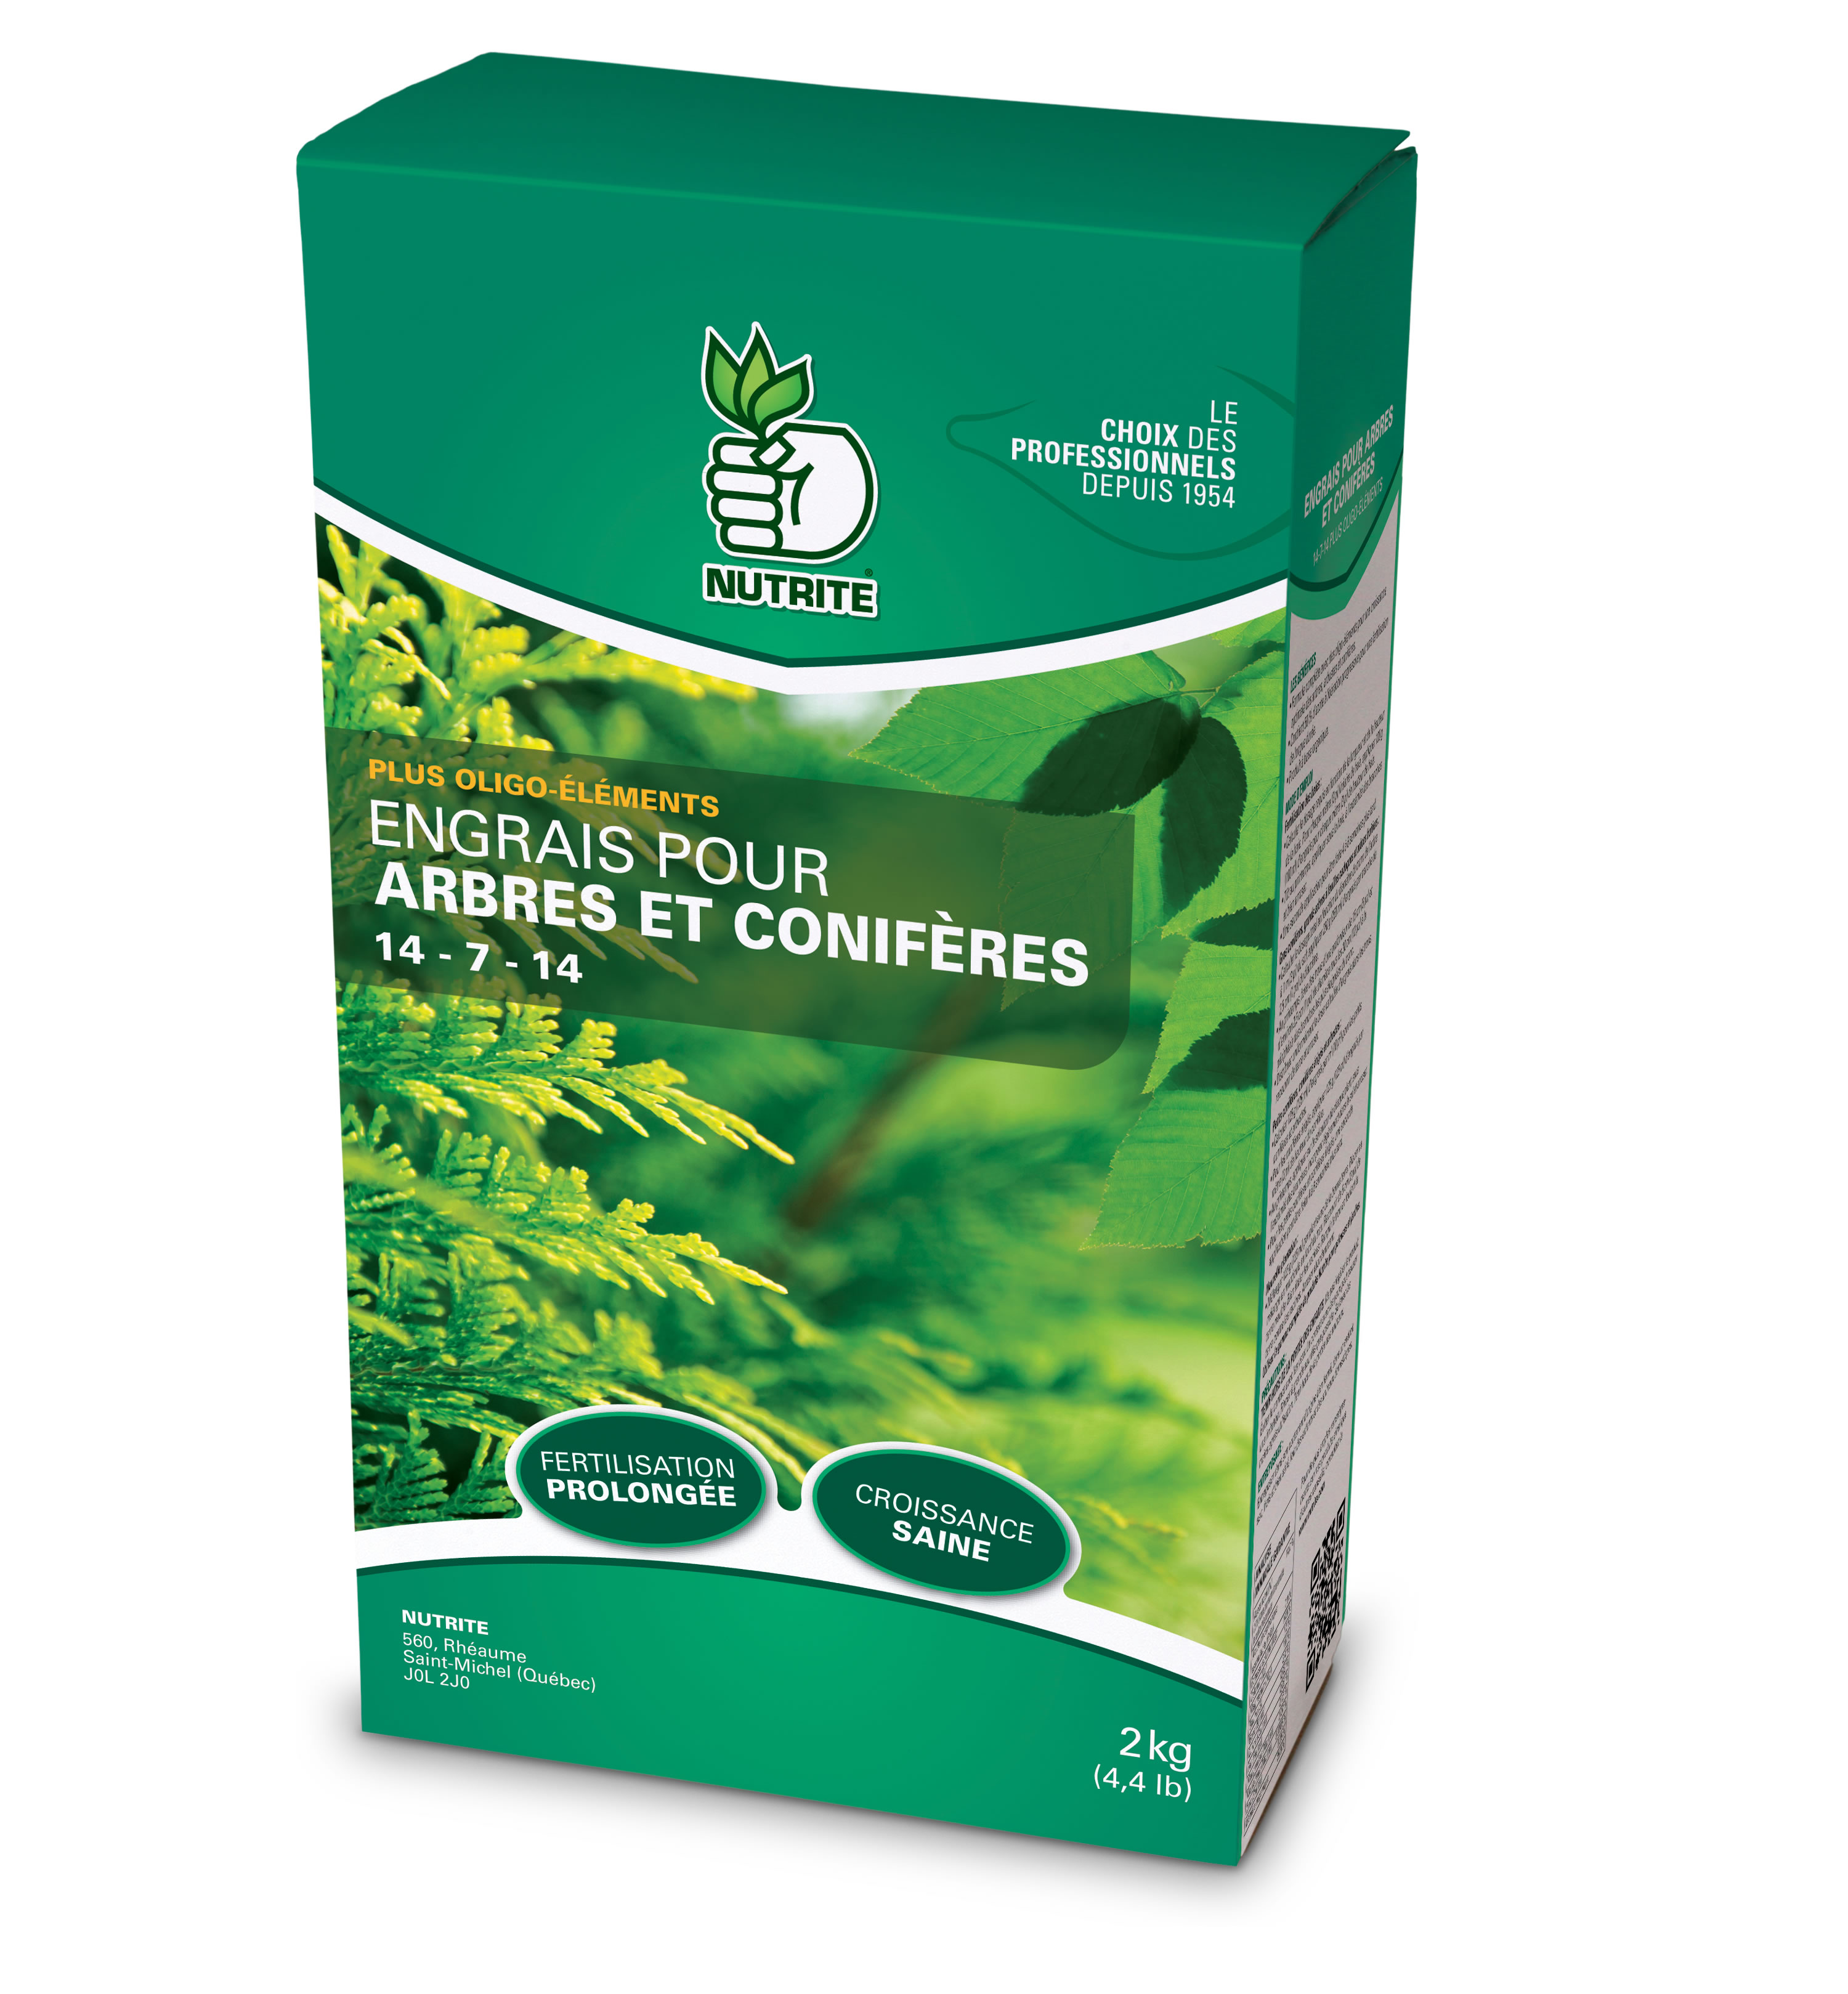 Engrais pour arbres 14 7 14 nutrite nos produits for Produit de jardinage